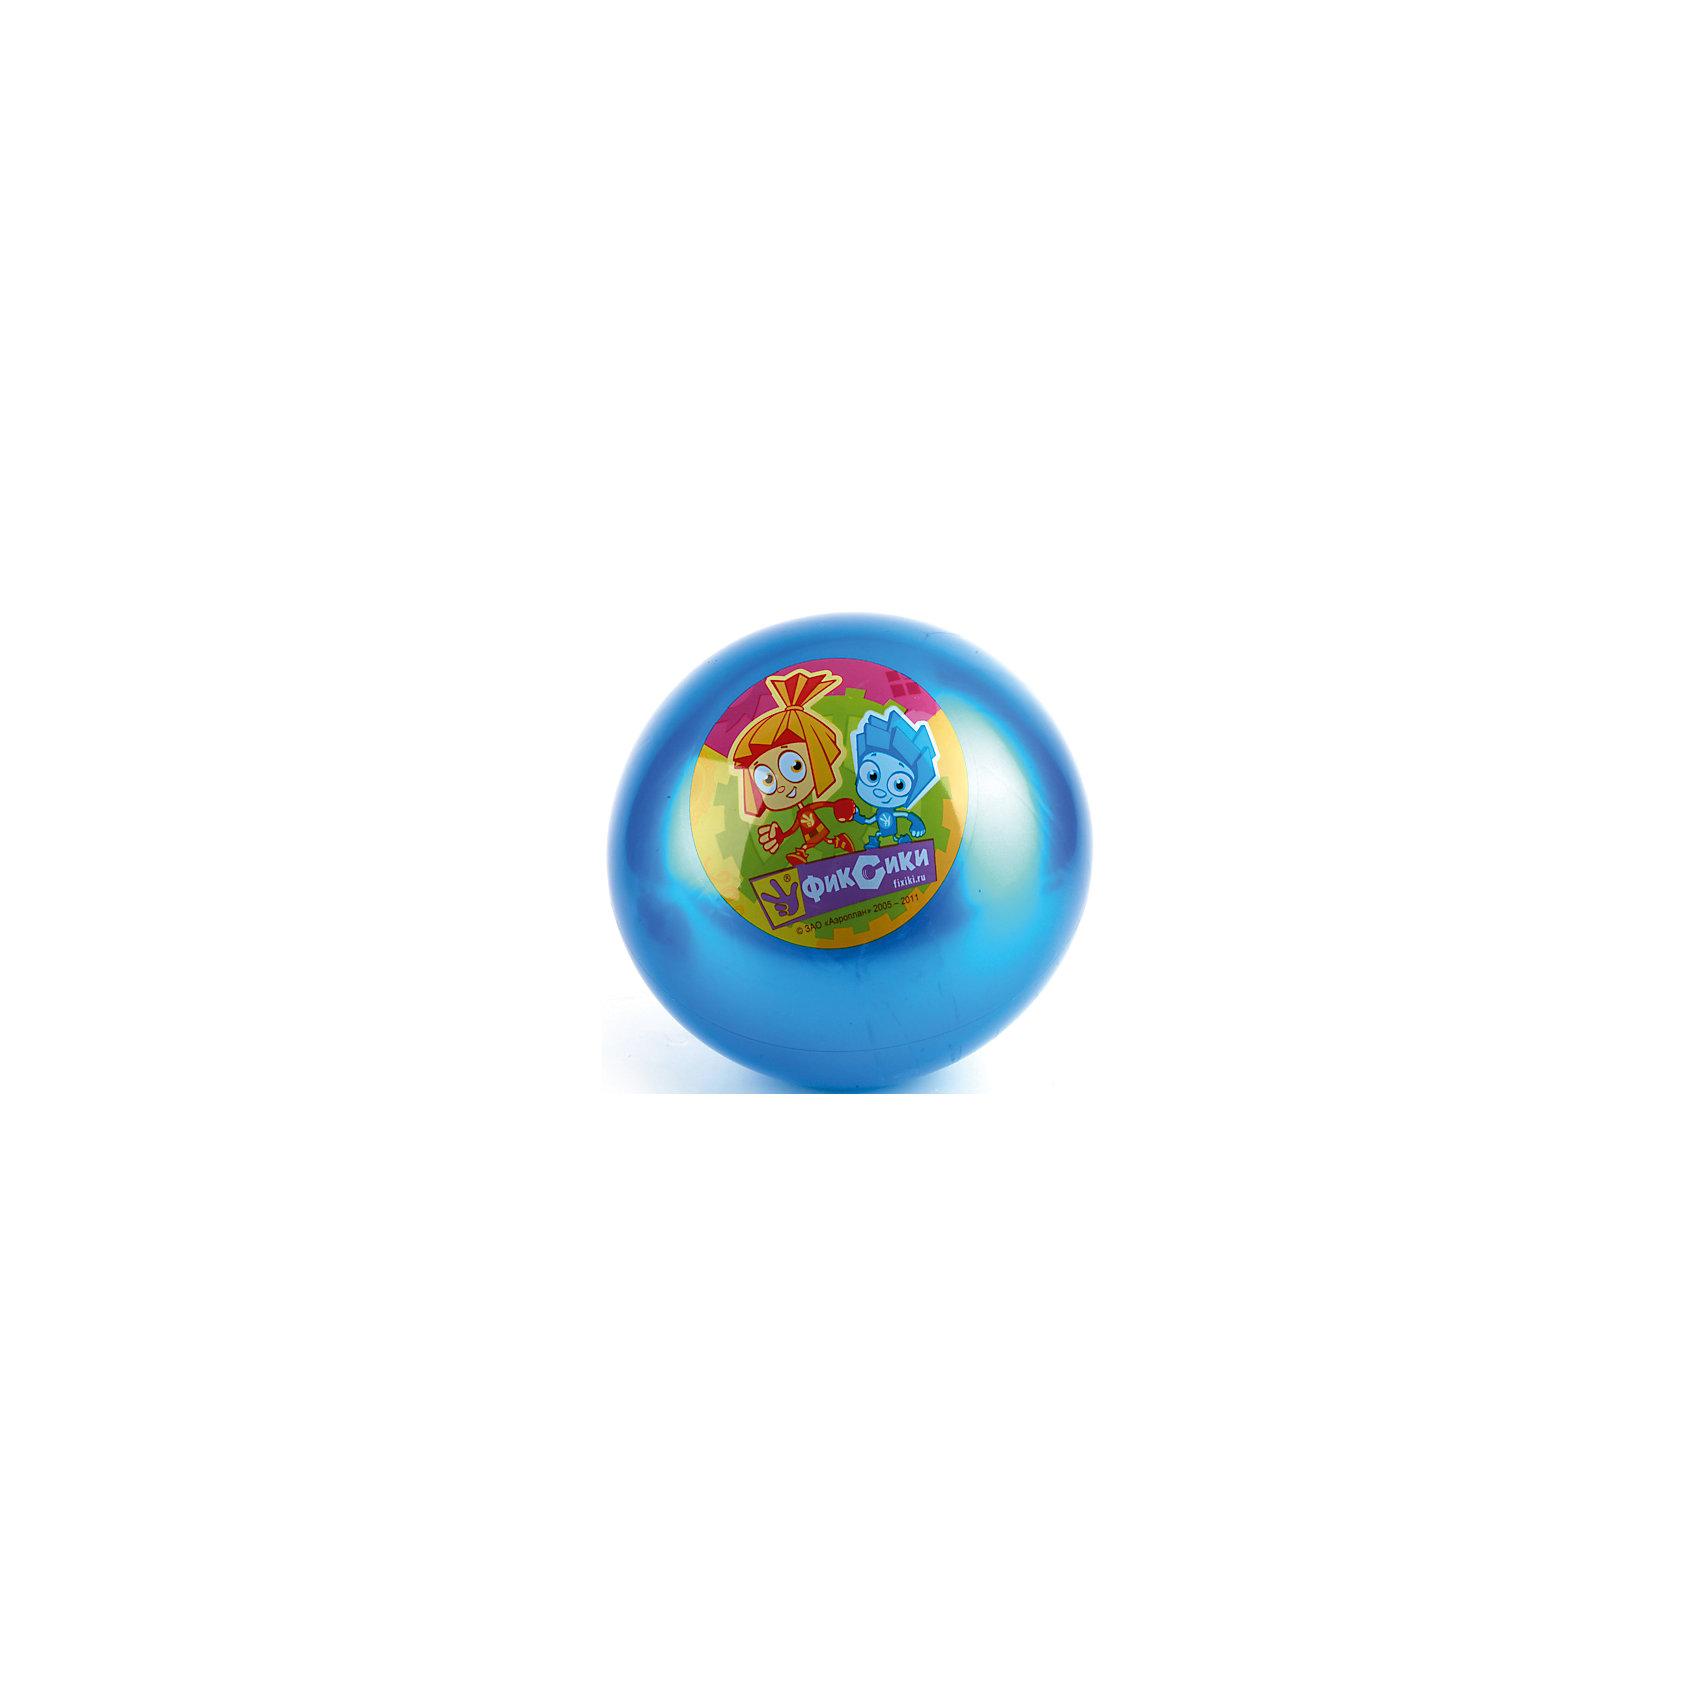 Мяч, 33 см, Фиксики, Играем вместеМяч с изображением любимых героев - прекрасный подарок для любого ребенка! Игры с мячом  стимулируют детей к физической активности, развивают моторику, координацию, тренируют различные группы мышц. Игрушка выполнена из высококачественных материалов, в производстве которых использованы только нетоксичные, безопасные для детей красители. <br><br>Дополнительная информация:<br><br>- Материал: ПВХ.<br>- Размер d - 33 см.<br>- Цвет в ассортименте.<br>ВНИМАНИЕ! Данный артикул представлен в разных вариантах исполнения. К сожалению, заранее выбрать определенный вариант невозможно. При заказе нескольких мячей возможно получение одинаковых.<br><br>Мяч, 33 см, Фиксики, Играем вместе, в ассортименте, можно купить в нашем магазине.<br><br>Ширина мм: 450<br>Глубина мм: 360<br>Высота мм: 290<br>Вес г: 130<br>Возраст от месяцев: 36<br>Возраст до месяцев: 96<br>Пол: Унисекс<br>Возраст: Детский<br>SKU: 4616834